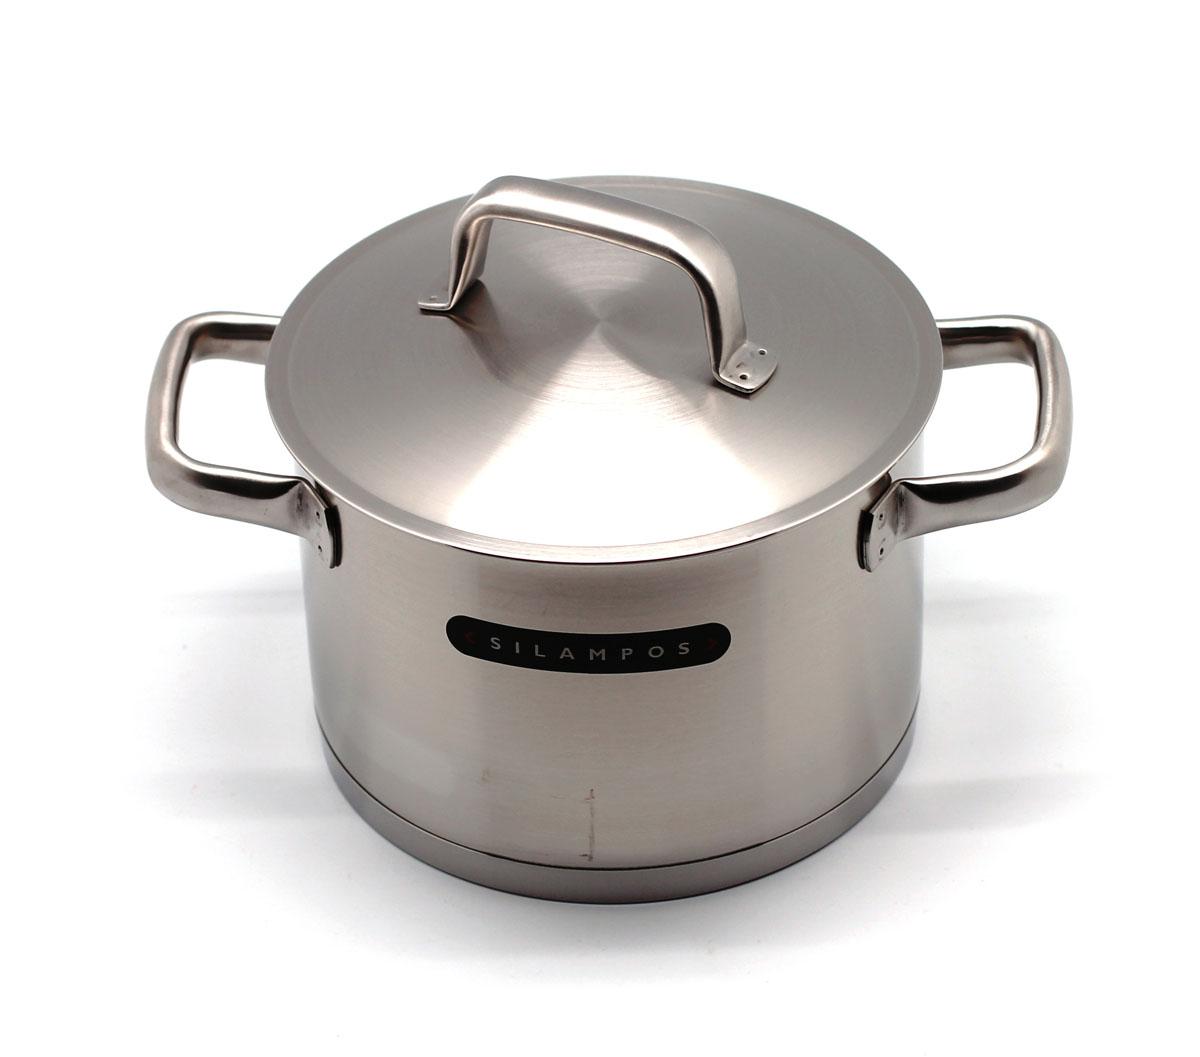 Кастрюля Silampos Move, цвет: металл, диаметр 22 см, 5,25 л. 63D124CY662293-BIMv-04Кастрюля Silampos Move изготовлена из высококачественной нержавеющей стали с матовой полировкой. Термическое дно выдерживает температуру до двух раз превосходящую максимальную температуру, необходимую для приготовления пищи. Изделие оснащено прочными стальными ручками. Специальные изогнутые бортики посуды обеспечивают легкое и аккуратное выливание жидкости. Крышка, выполненная из нержавеющей стали, плотно прилегает к краю посуды.Кастрюлю можно использовать на всех типах плит, включая индукционные. Можно мыть в посудомоечной машине.Посуда Silampos производится с использованием самых последних достижений в области производства изделий из нержавеющей стали. Алюминиевый диск инкапсулируется между дном кастрюли и защитной оболочкой из нержавеющей стали под давлением 1500 тонн. Этот высокотехнологичный процесс устраняет необходимость обычной сварки, ахиллесовой пяты многих производителей товаров из нержавеющей стали. Вместо того, чтобы сваривать две металлические детали вместе, этот процесс соединяет алюминий и нержавеющей стали в единое целое. Метод полной инкапсуляции позволяет с абсолютной надежностью покрыть алюминиевый диск нержавеющей сталью. Это делает невозможным контакт алюминиевого диска с открытым огнем и активной средой некоторых моющий средств. Посуда Silampos является лауреатом многочисленных Португальских и Европейских конкурсов, и по праву сохраняет лидирующие позиции на рынке кухонной посуды в Европе и мире.Посуда изготовлена из нержавеющей стали с добавлением 18% хрома и 10% никеля. Посуду можно мыть в посудомоечной машине, использовать на всех видах плит (газовые, электрических, керамических и индукционных). Оснащена специальным алюминиевым диском - Impact Disk, разработанным с применением передовой технологии соединения диска с дном кастрюли и защитной оболочкой из нержавеющей стали под высоким давлением. Выдерживают температуру до 600°С. Использование алюминиевого жарор